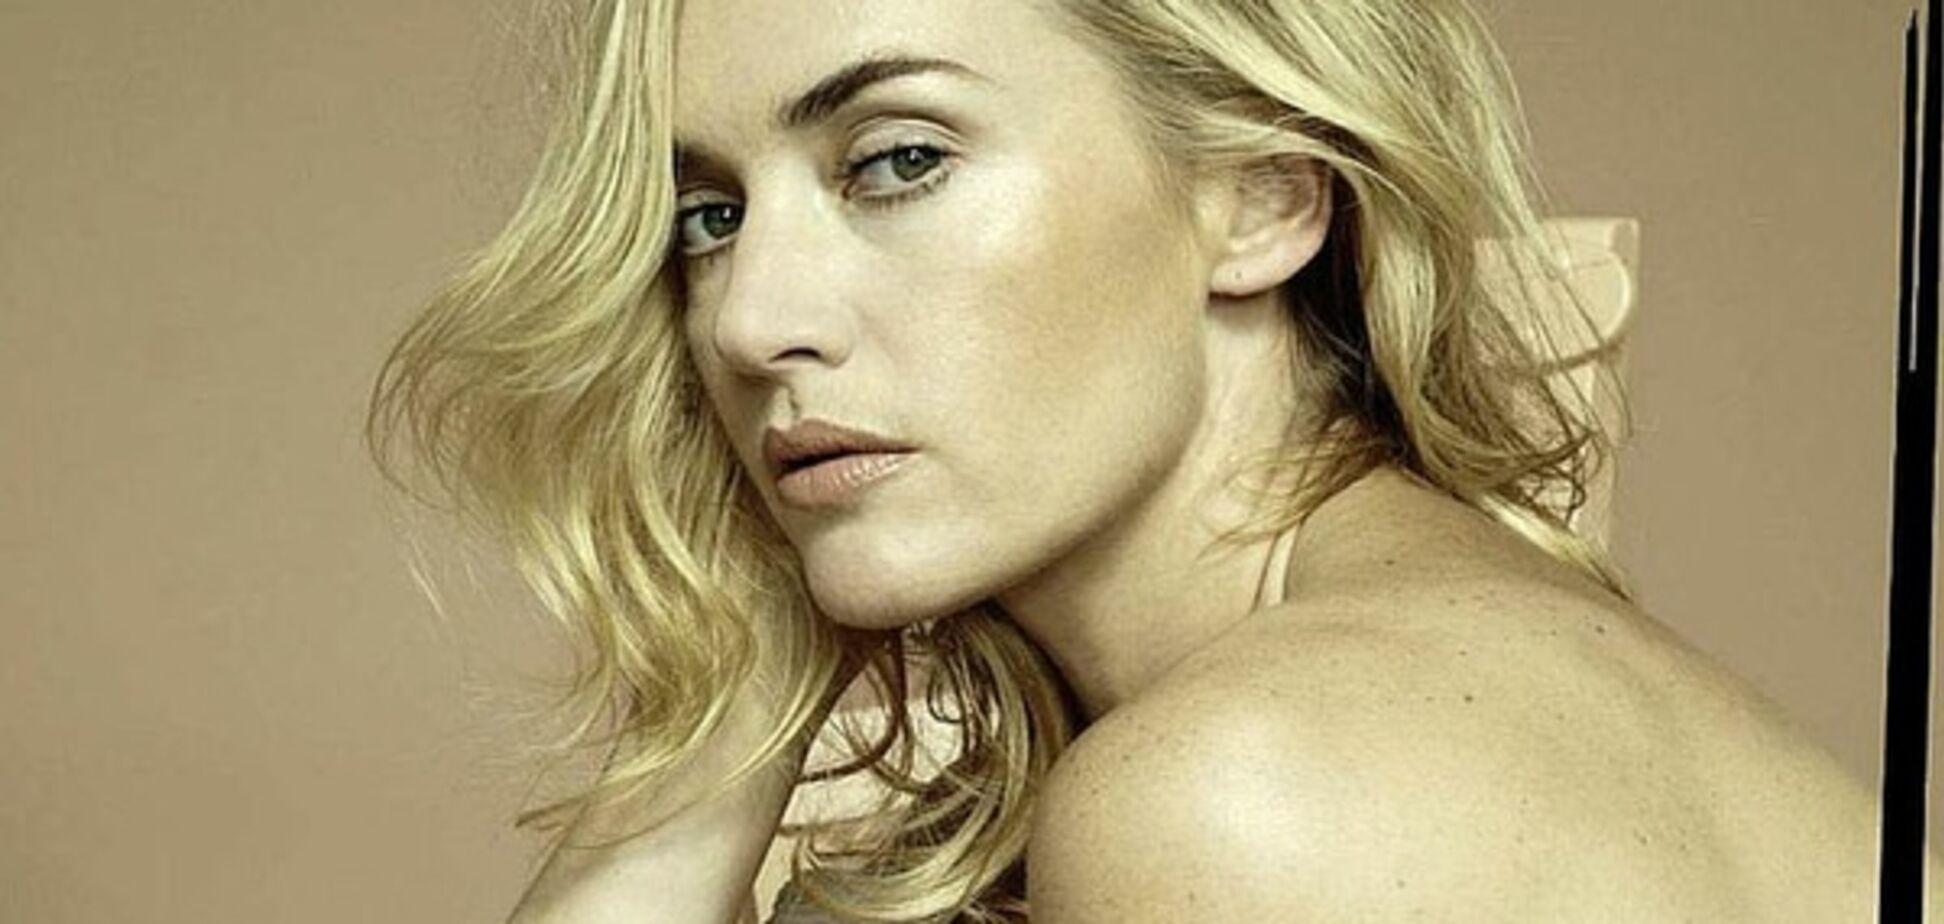 Кейт Уинслет отмечает 40-летие: лучшие фото актрисы, которая не боится обнажаться